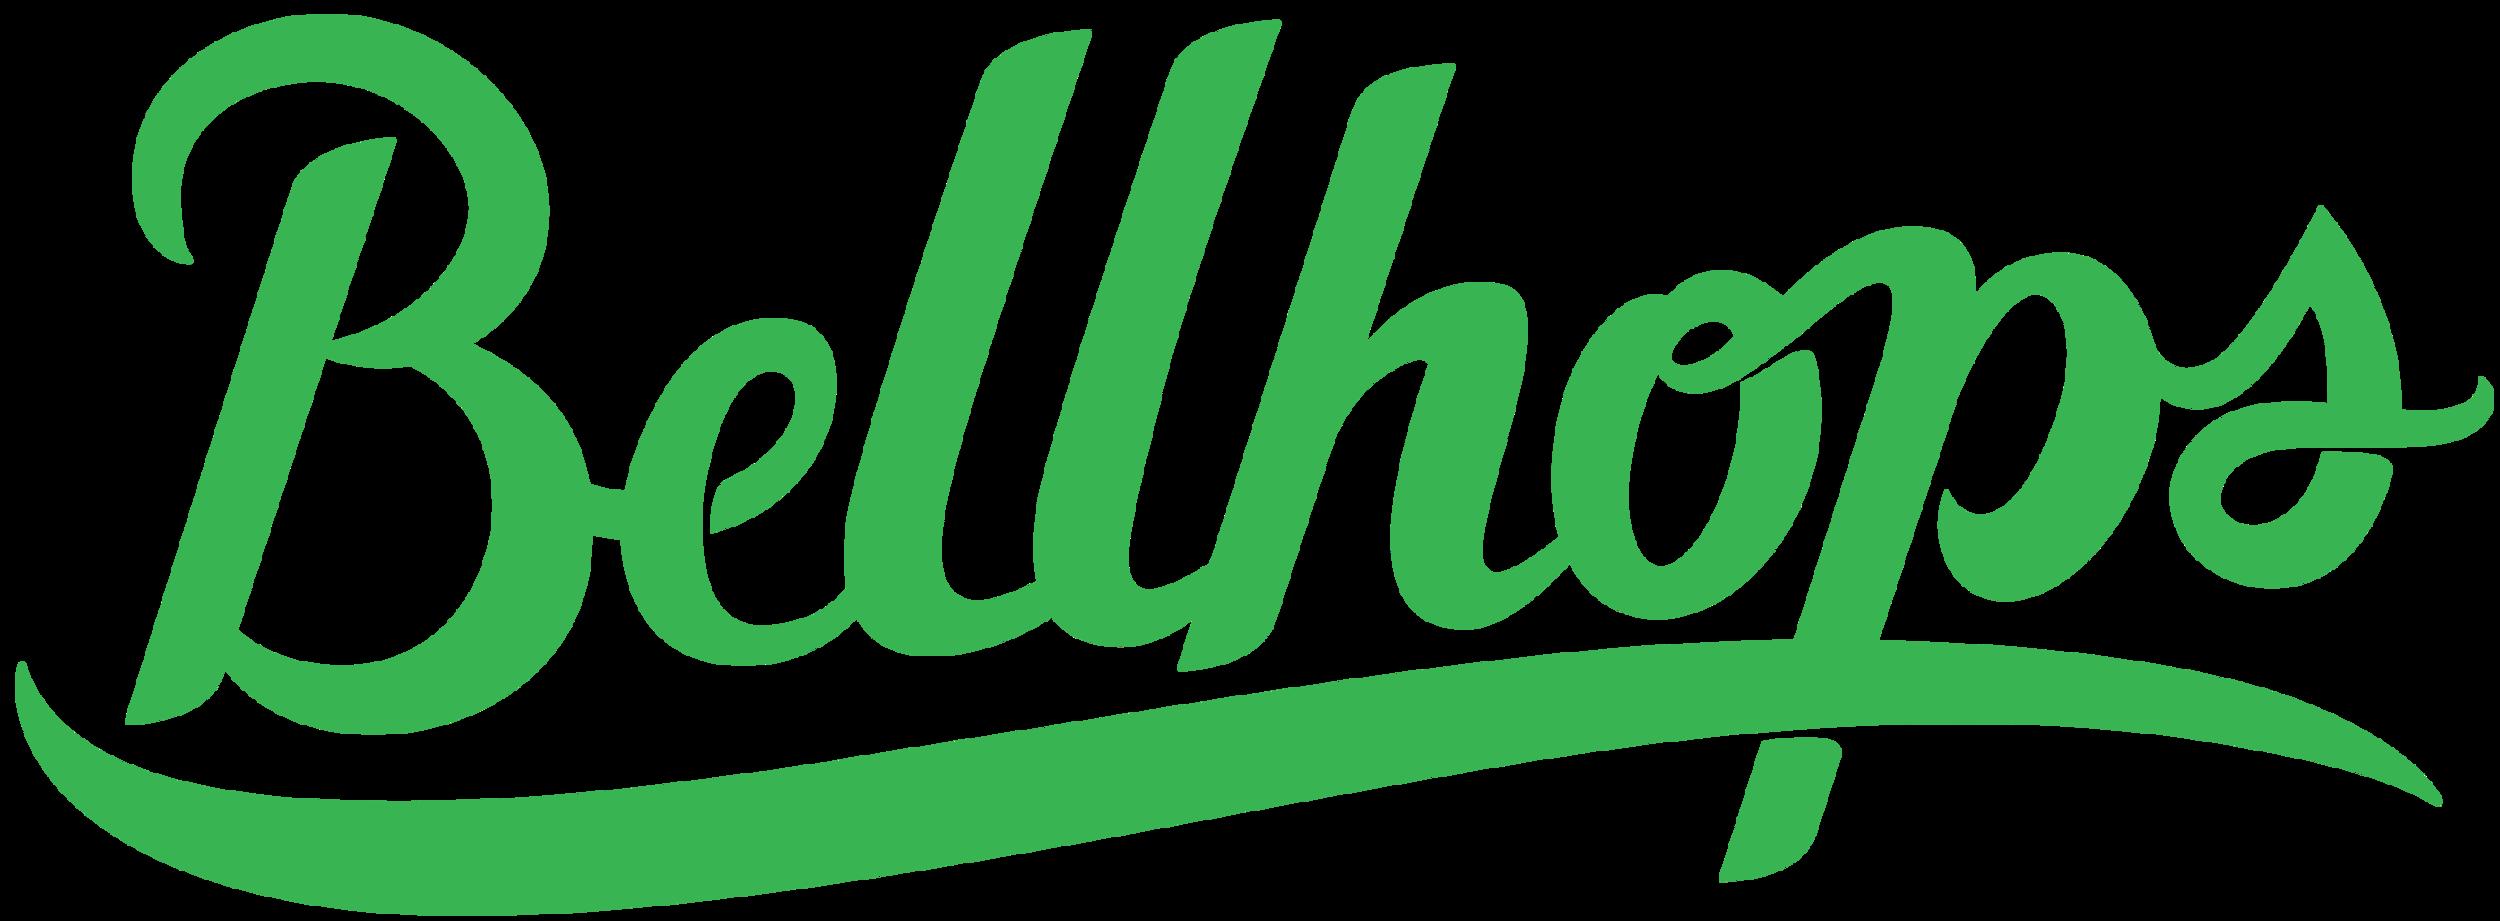 bellhops.png